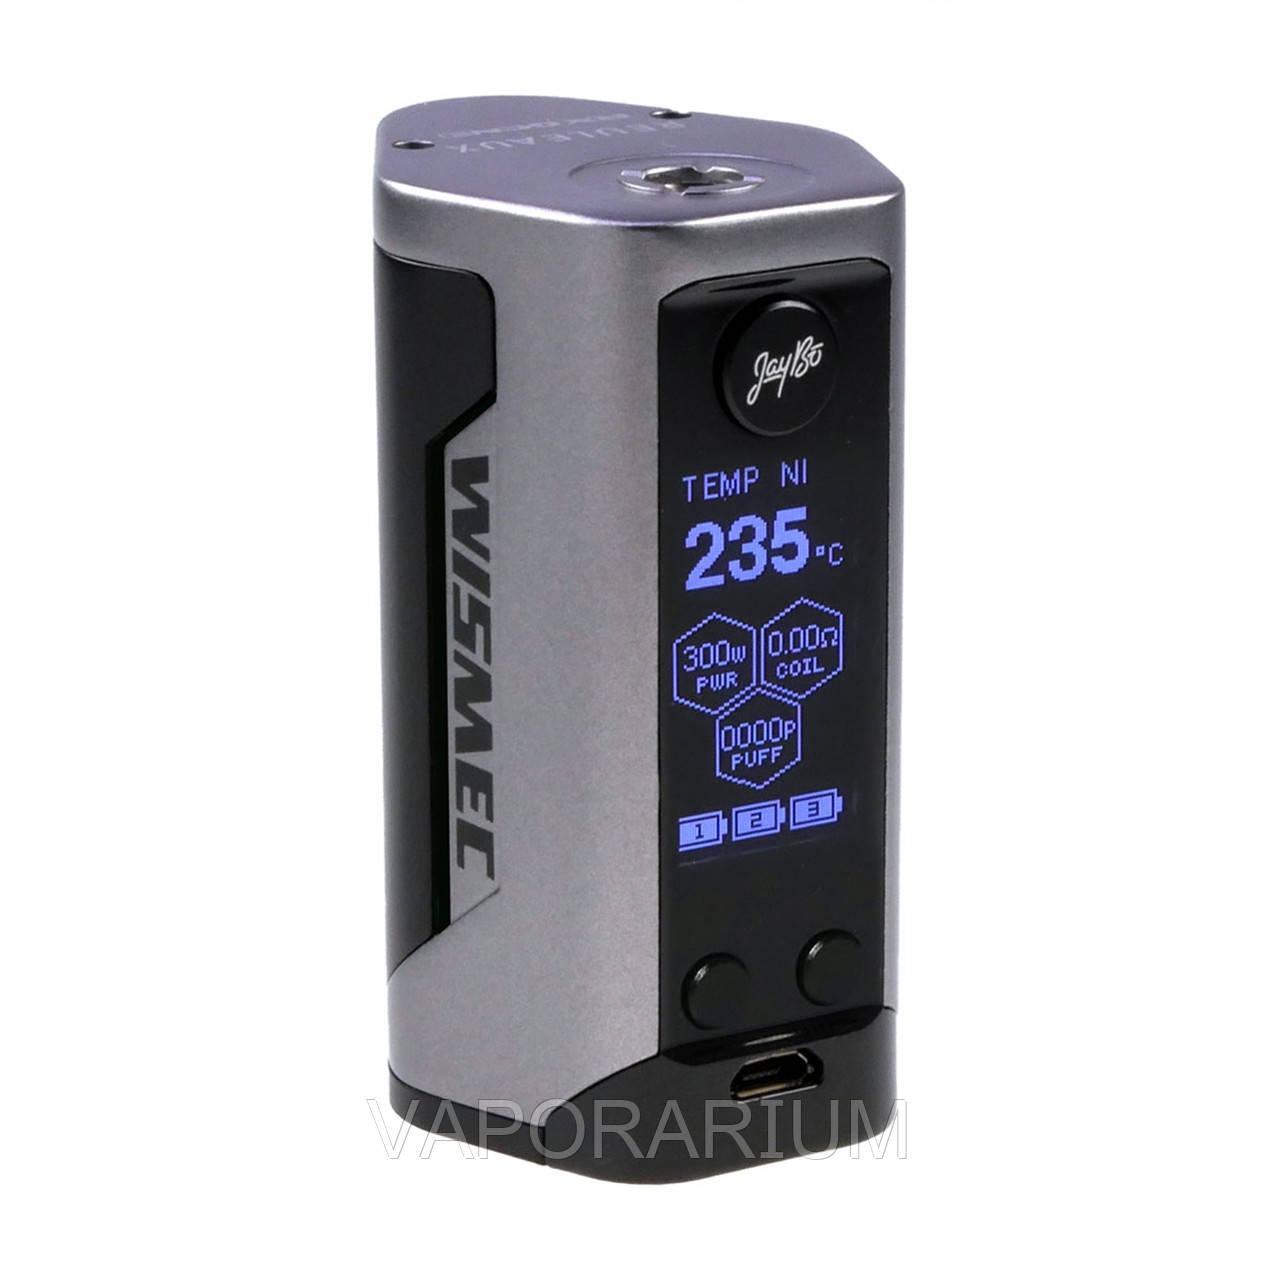 Батарейный мод Wismec RX GEN3 Grey